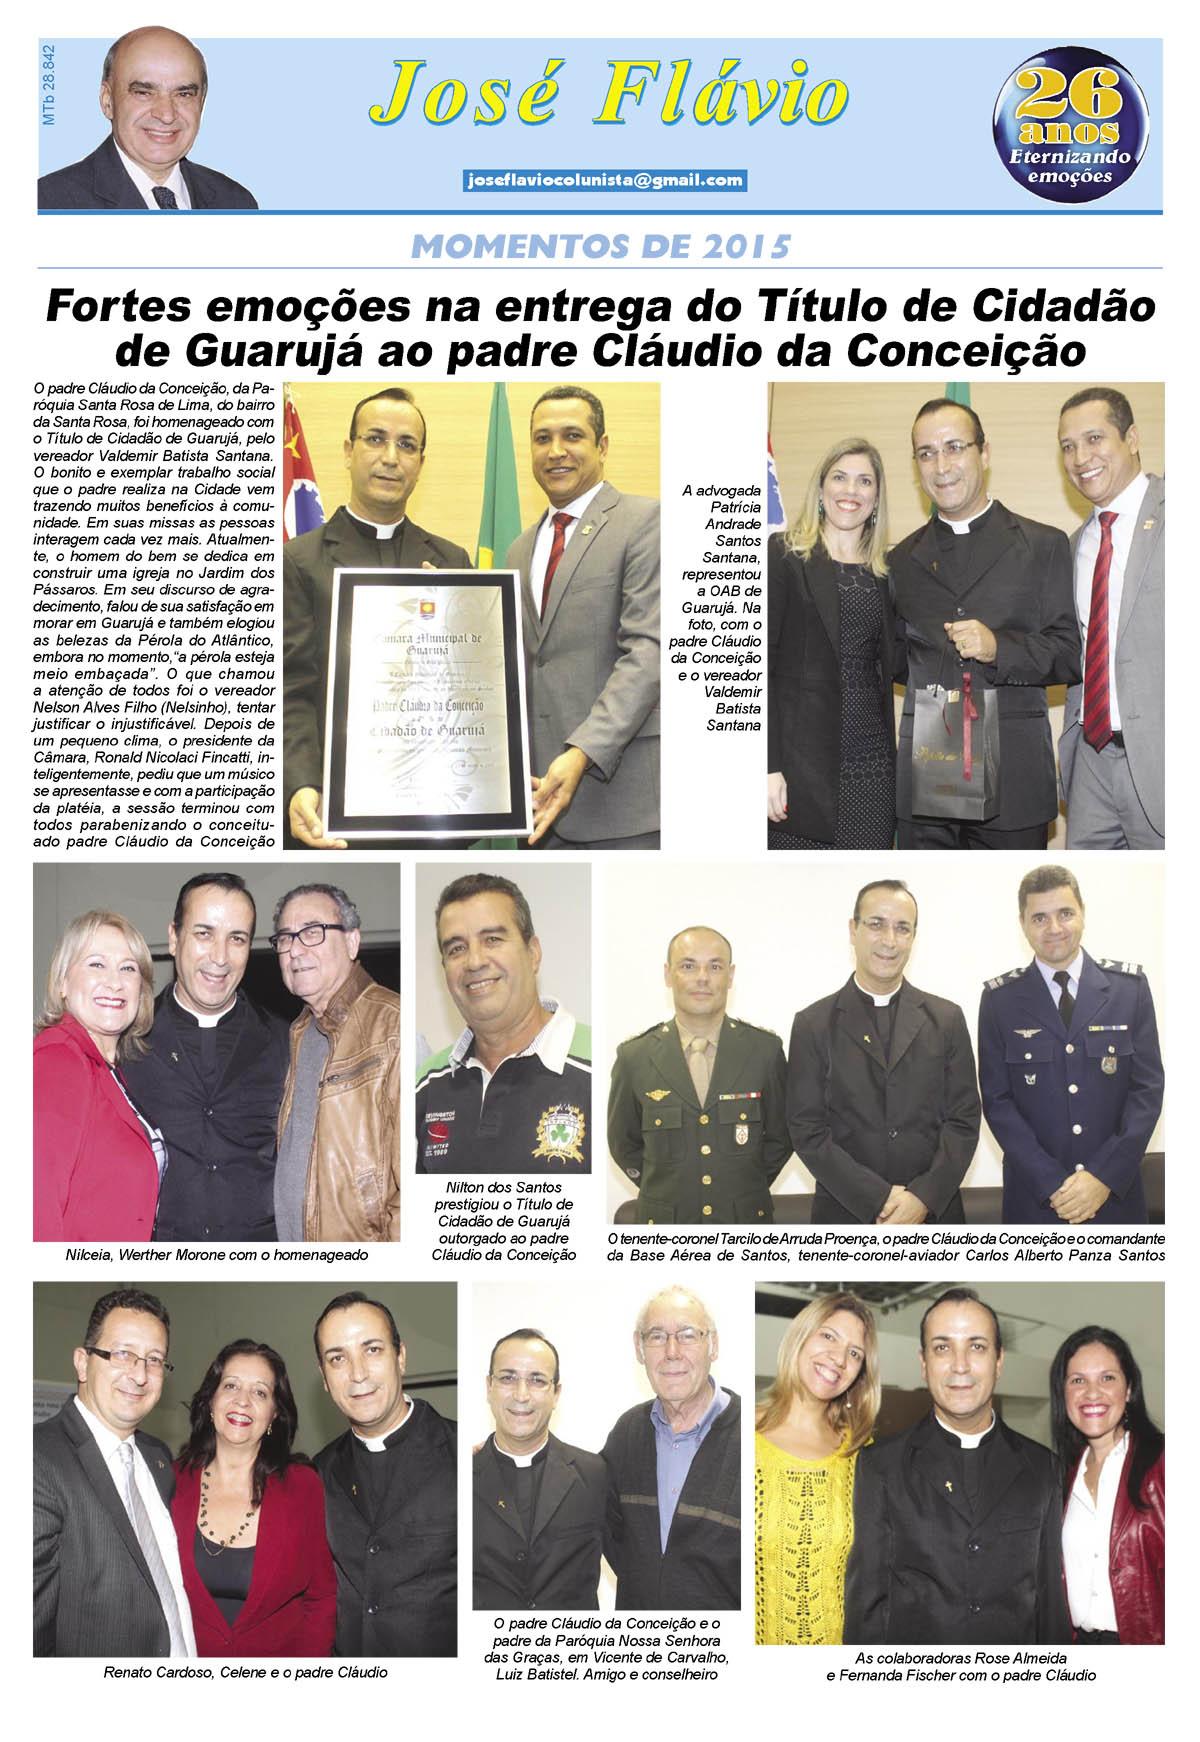 Entrega do Título de Cidadão ao padre Cláudio da Conceição